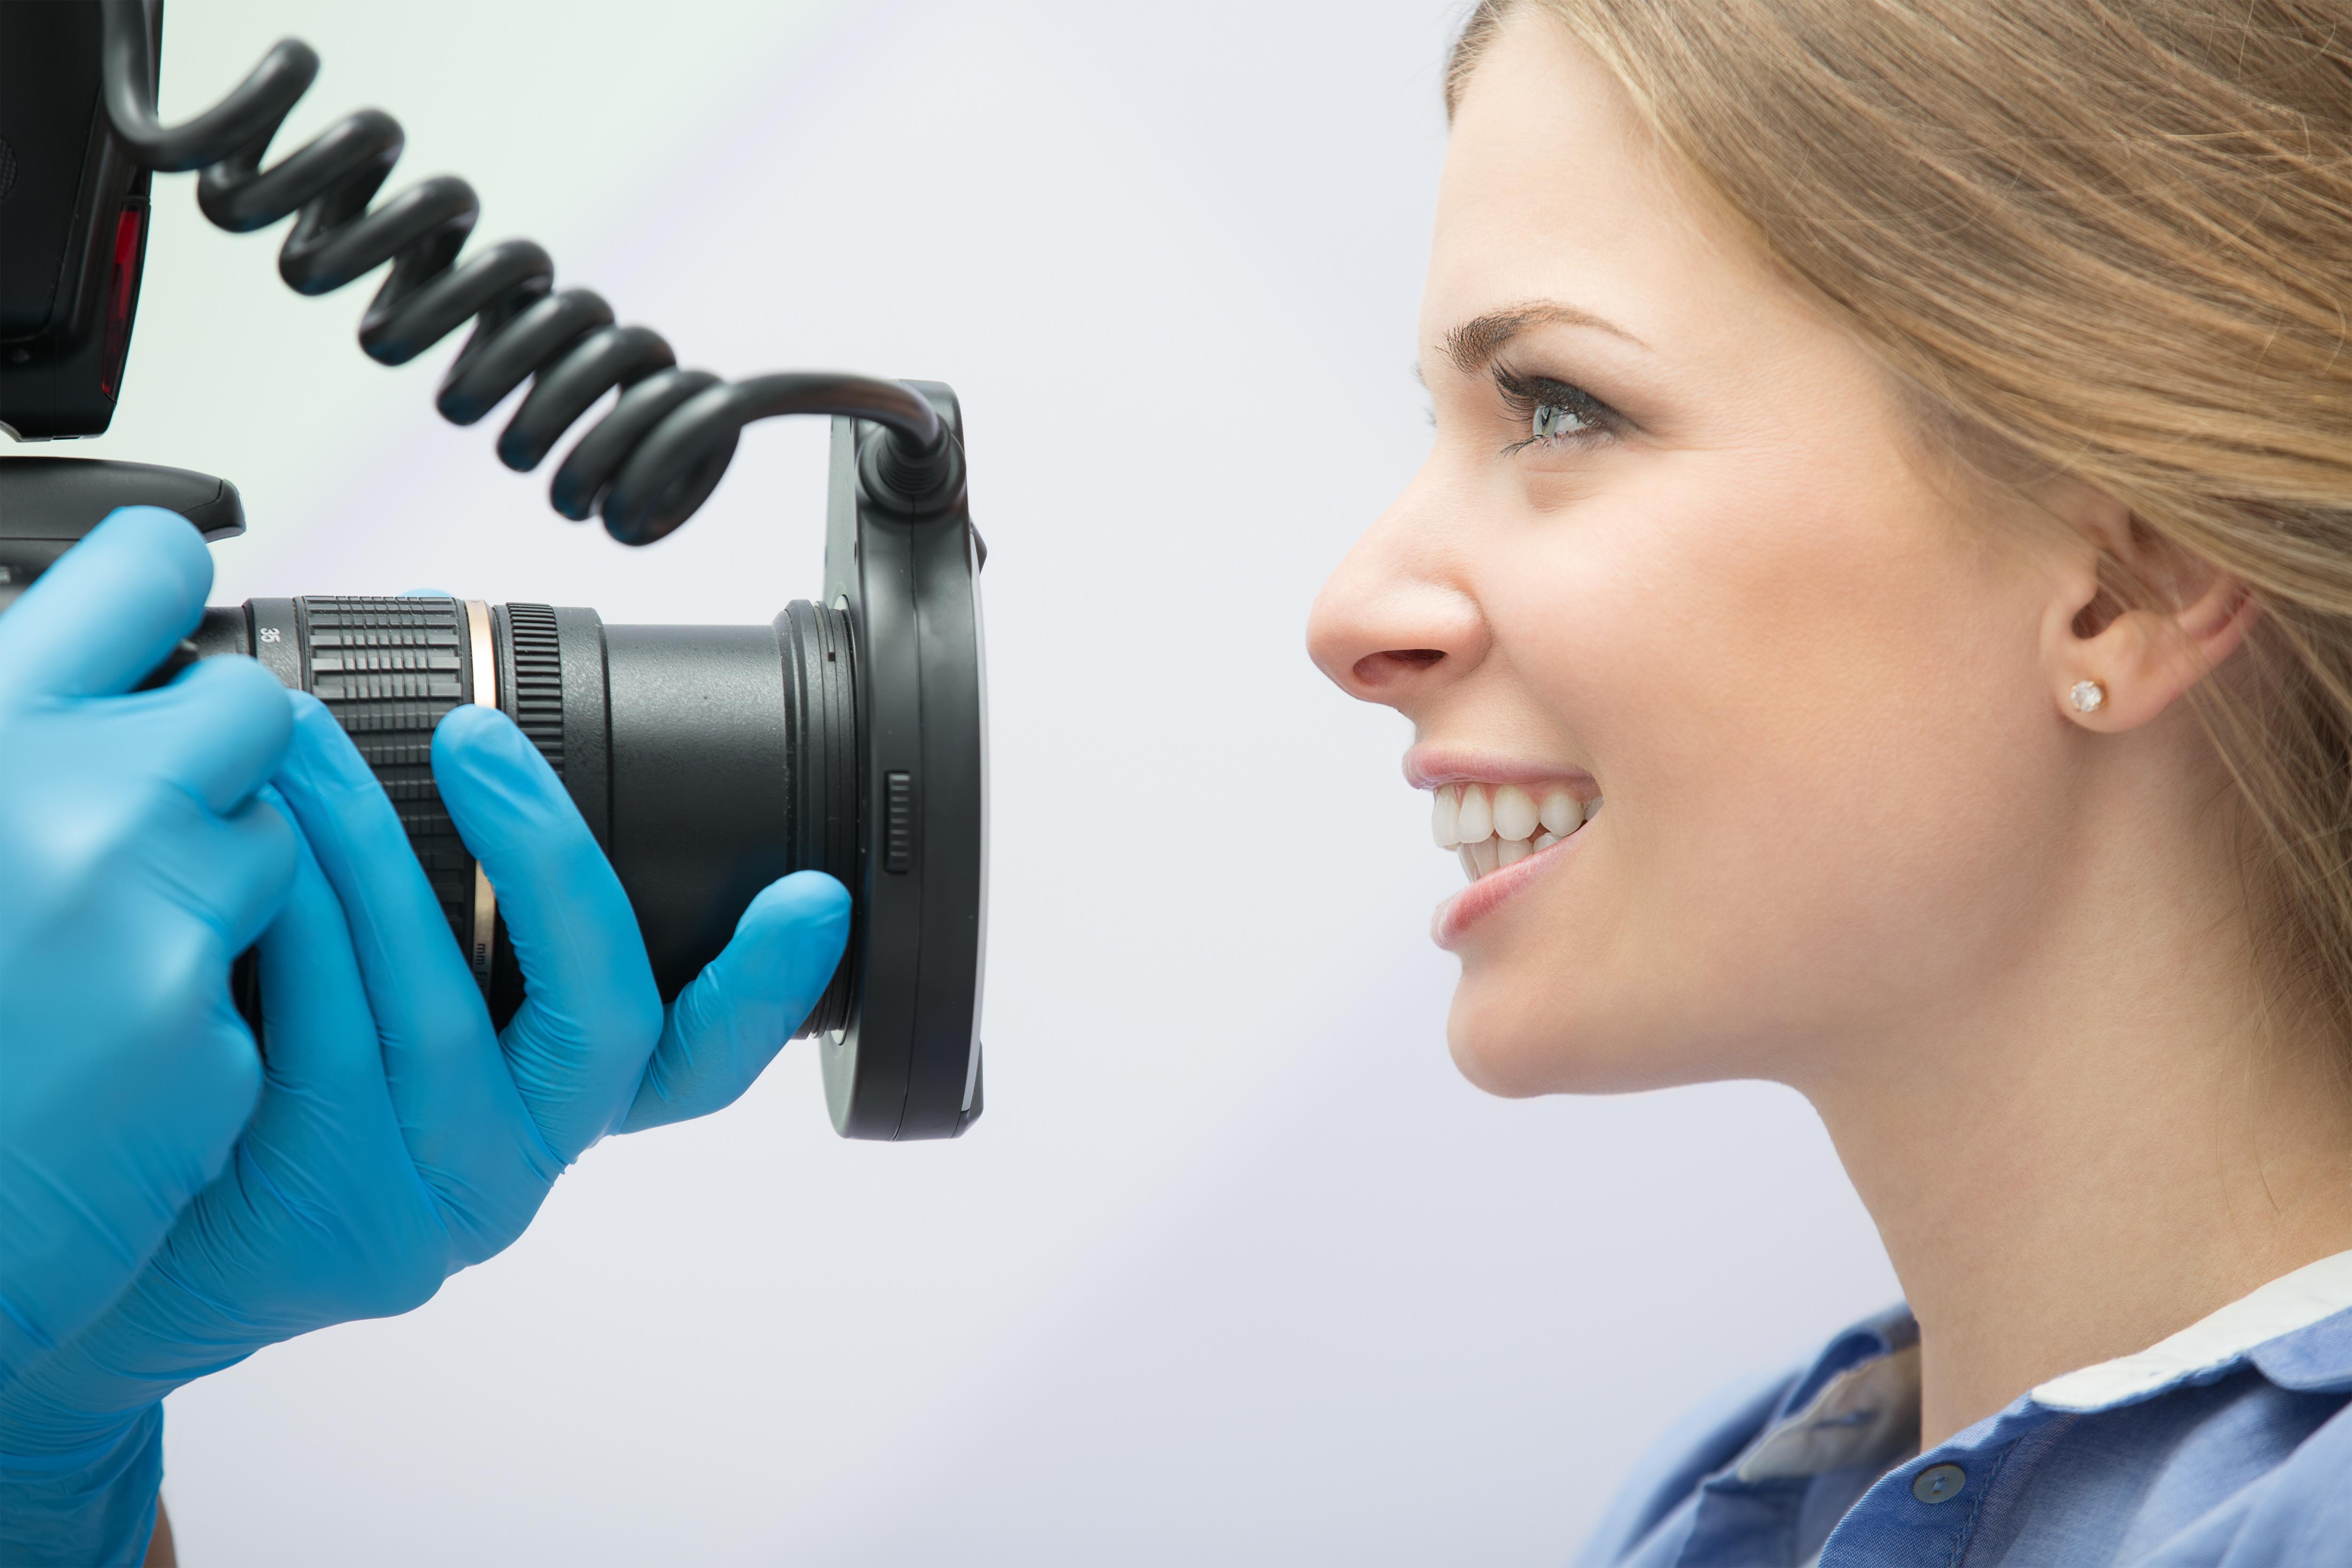 análisis estético dental en Clínica Roca Santiago en Fuengirola